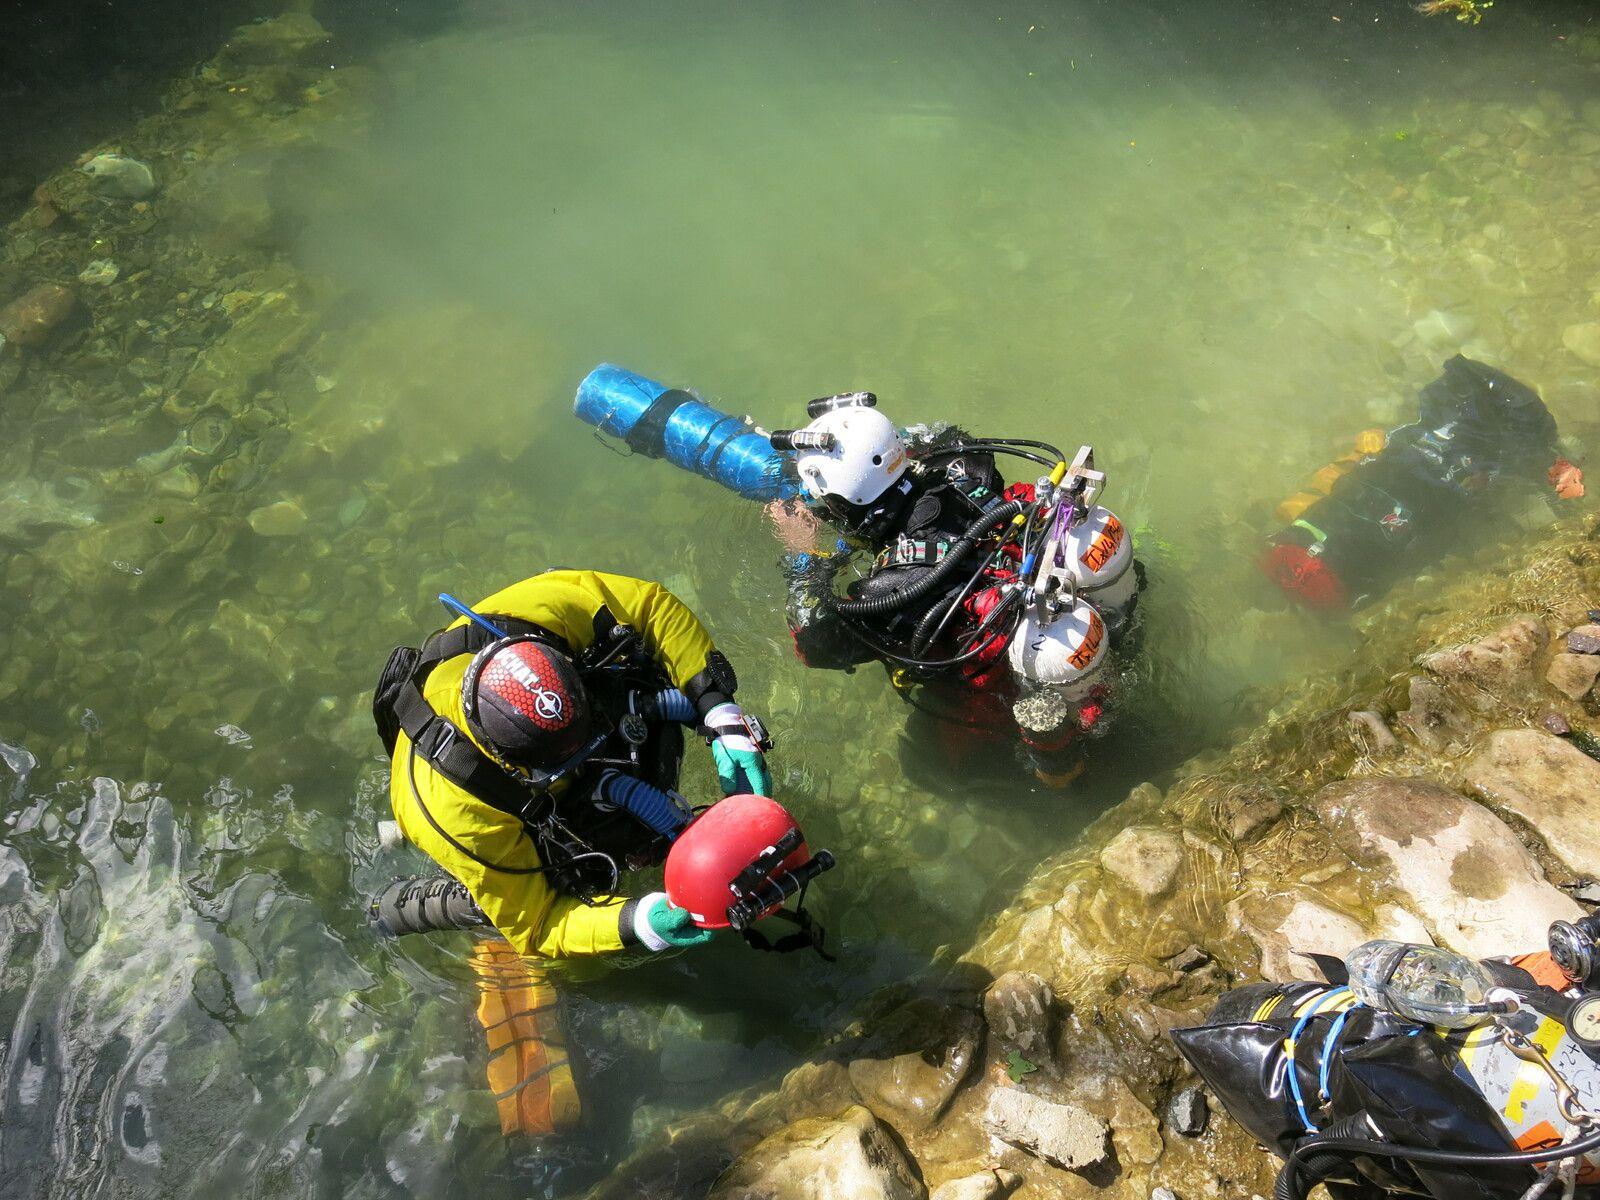 Stéphane allume la caméra Paralenz pour immortaliser cette plongée